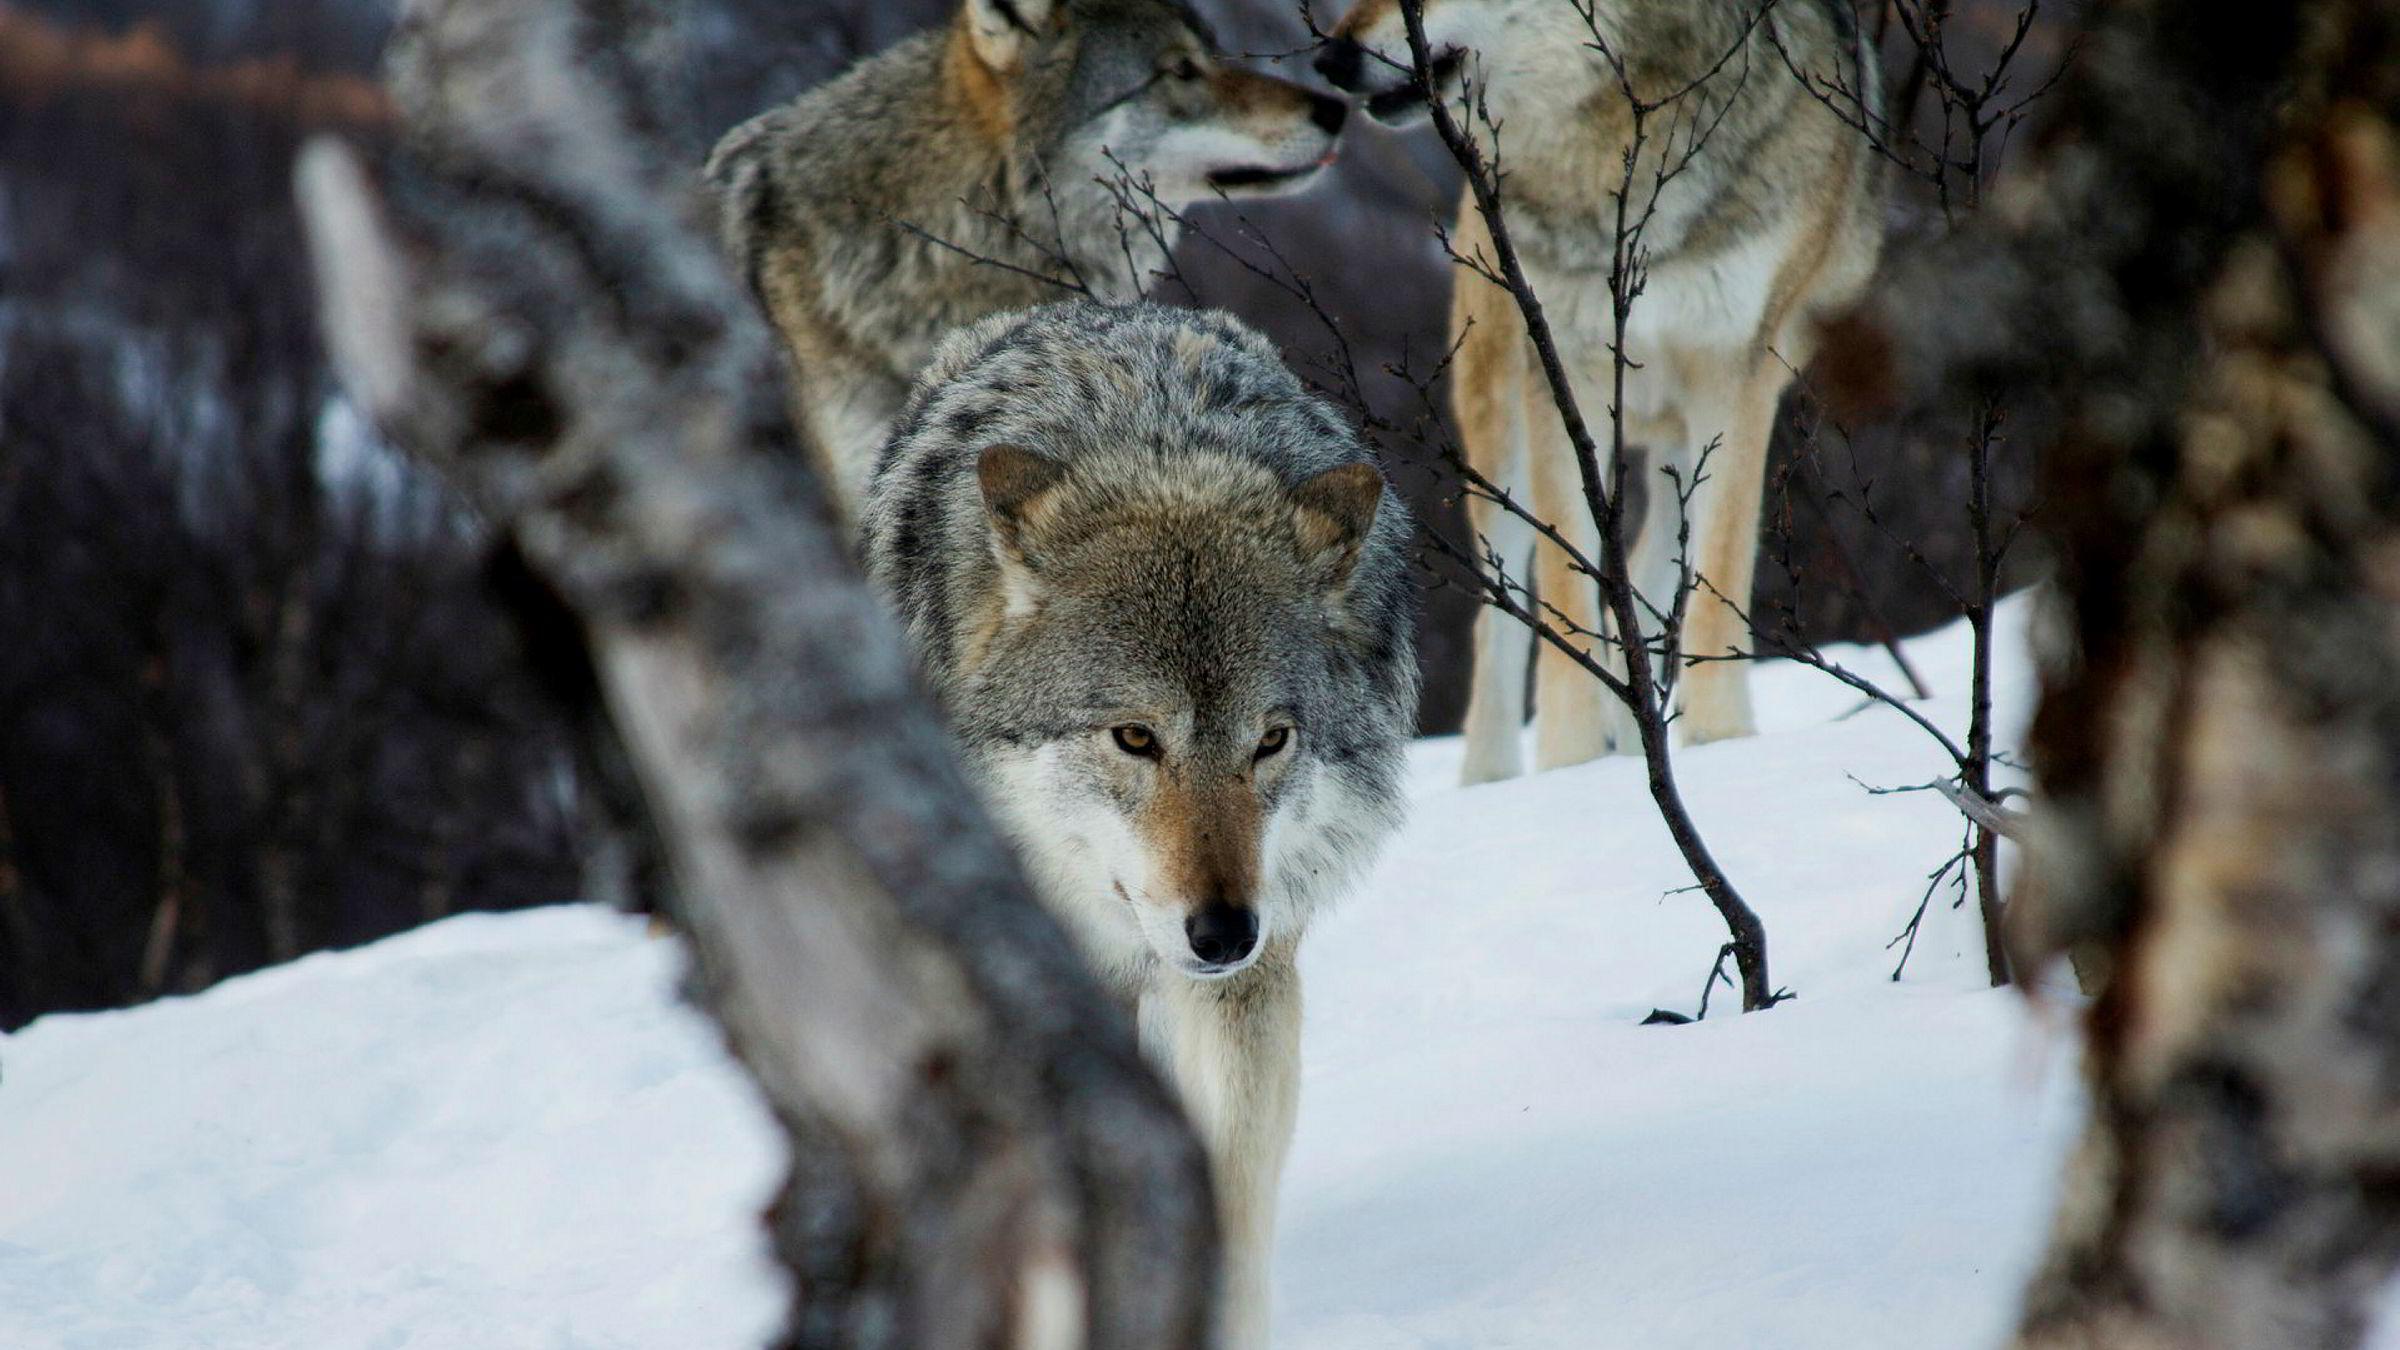 Norge kan ikke tillate endringer i naturmangfoldsloven som setter mindretallets jaktprivilegier høyere enn flertallets glede av rovdyrnatur, skriver artikkelforfatteren. Bildet er fra Polar Park, Bardu.